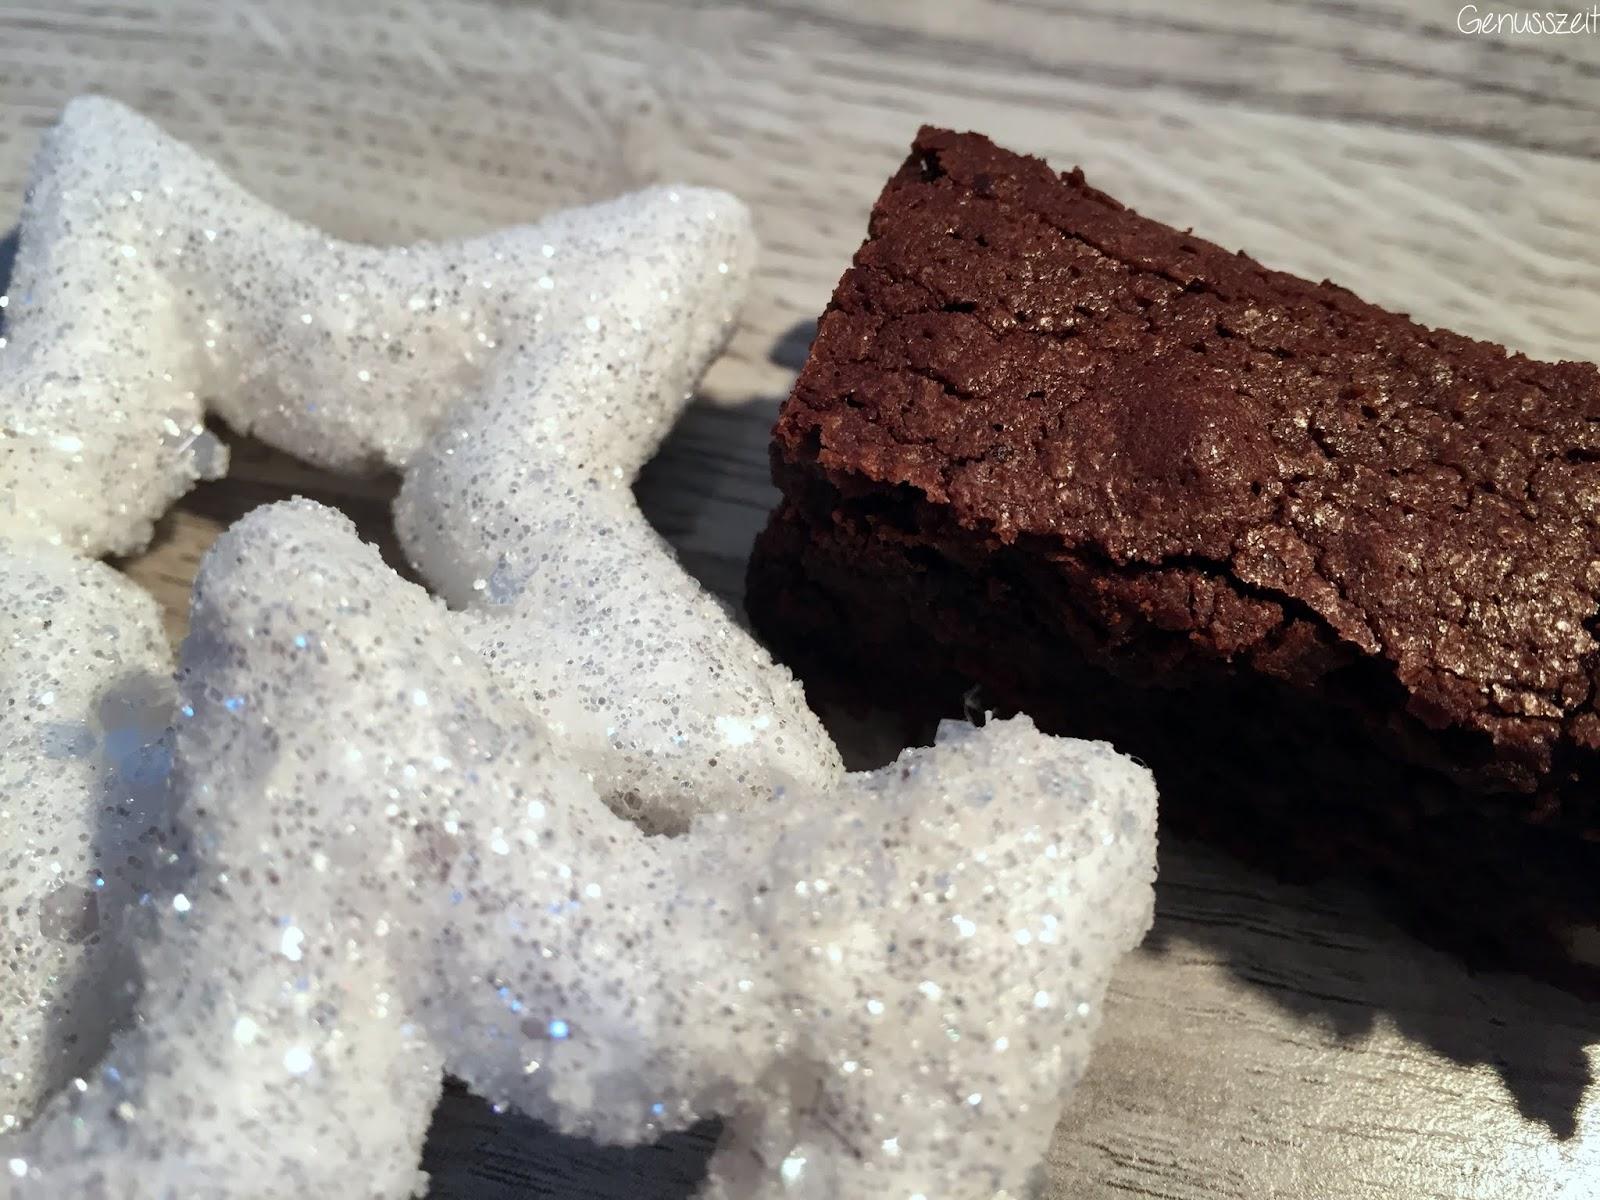 Schokoladenbrot Weihnachten.Genusszeit Kein Weihnachten Ohne Schokoladenbrot